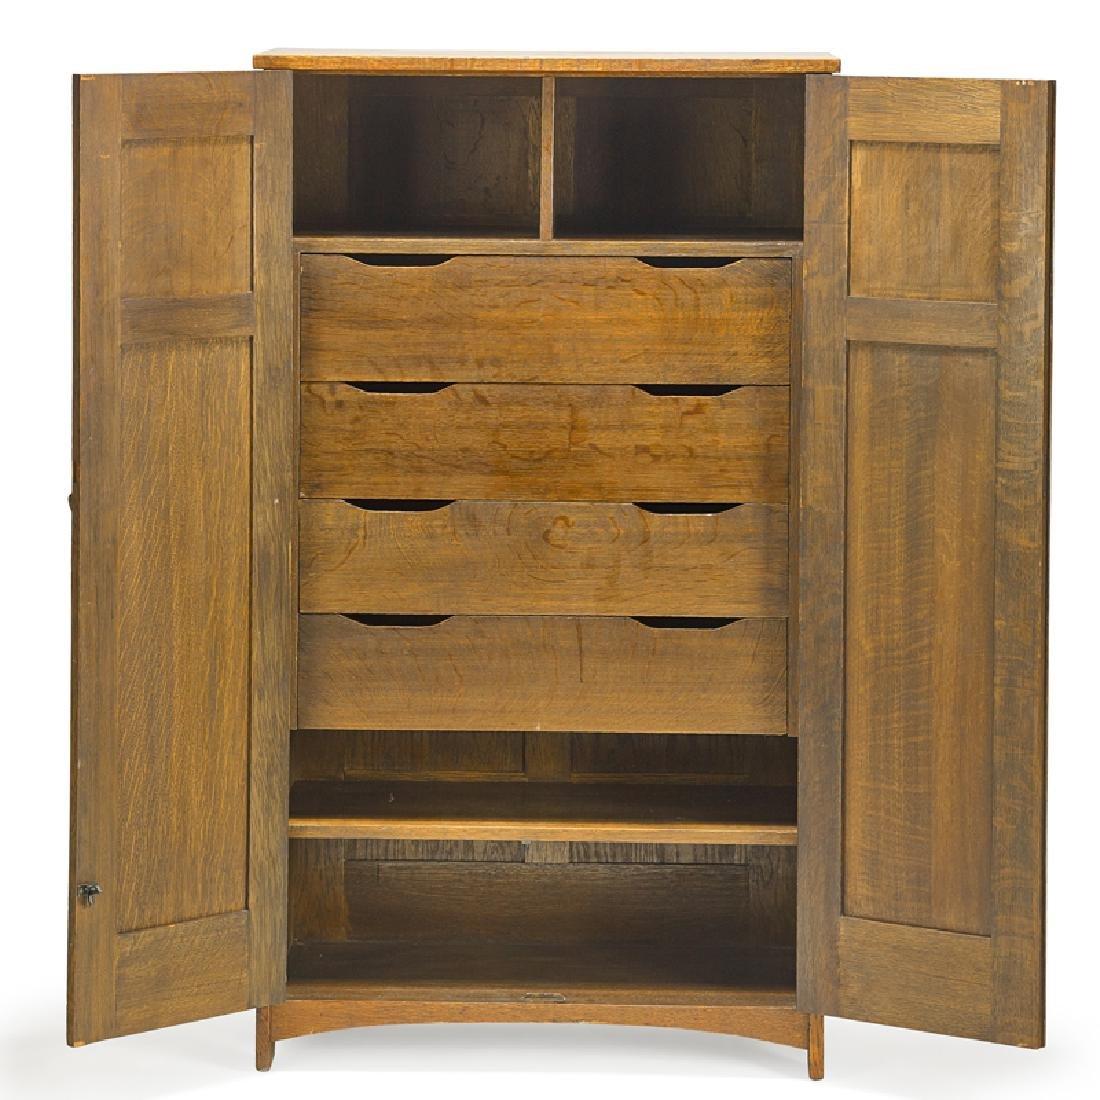 GUSTAV STICKLEY Child's wardrobe (no. 920) - 2